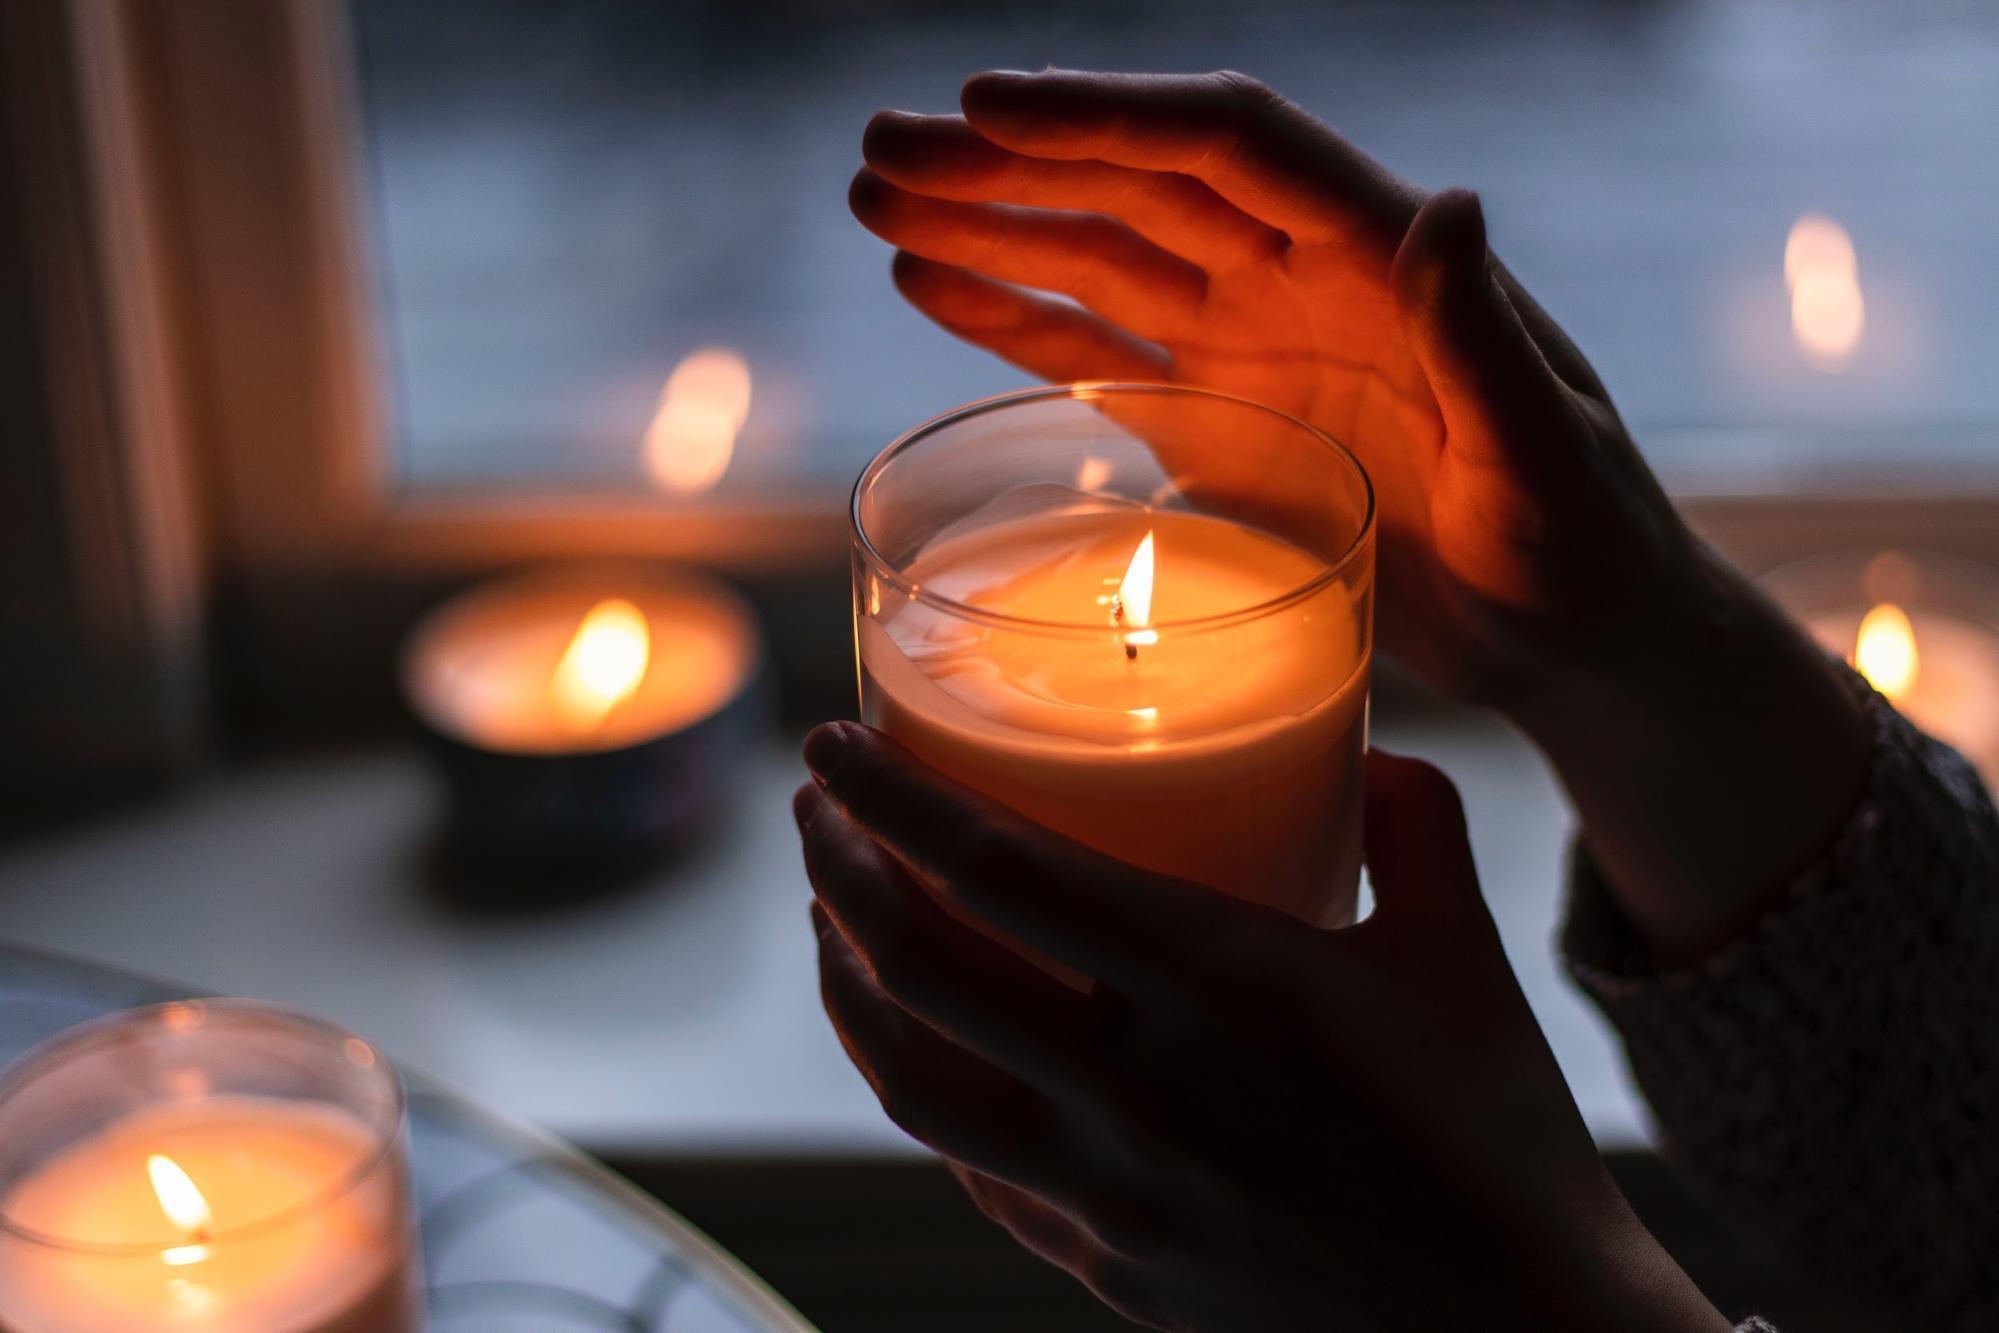 點燃一盞香氛蠟燭,享受女人愛自己的時光